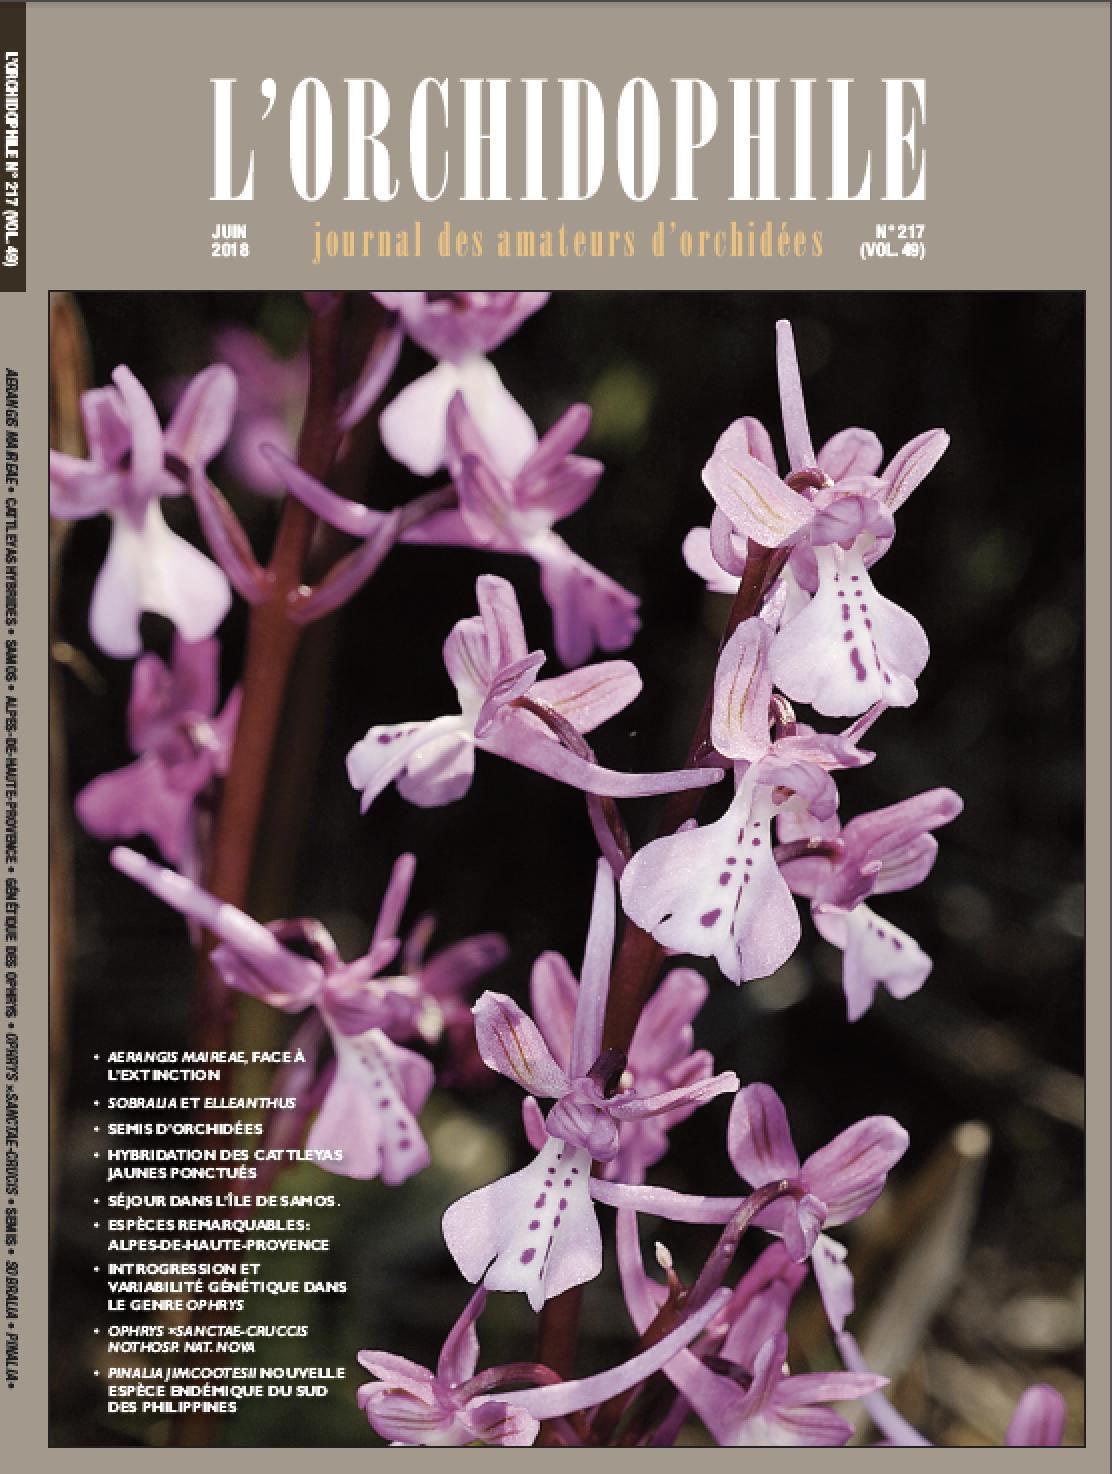 L'Orchidophile, magazine des passionnés d'orchidées